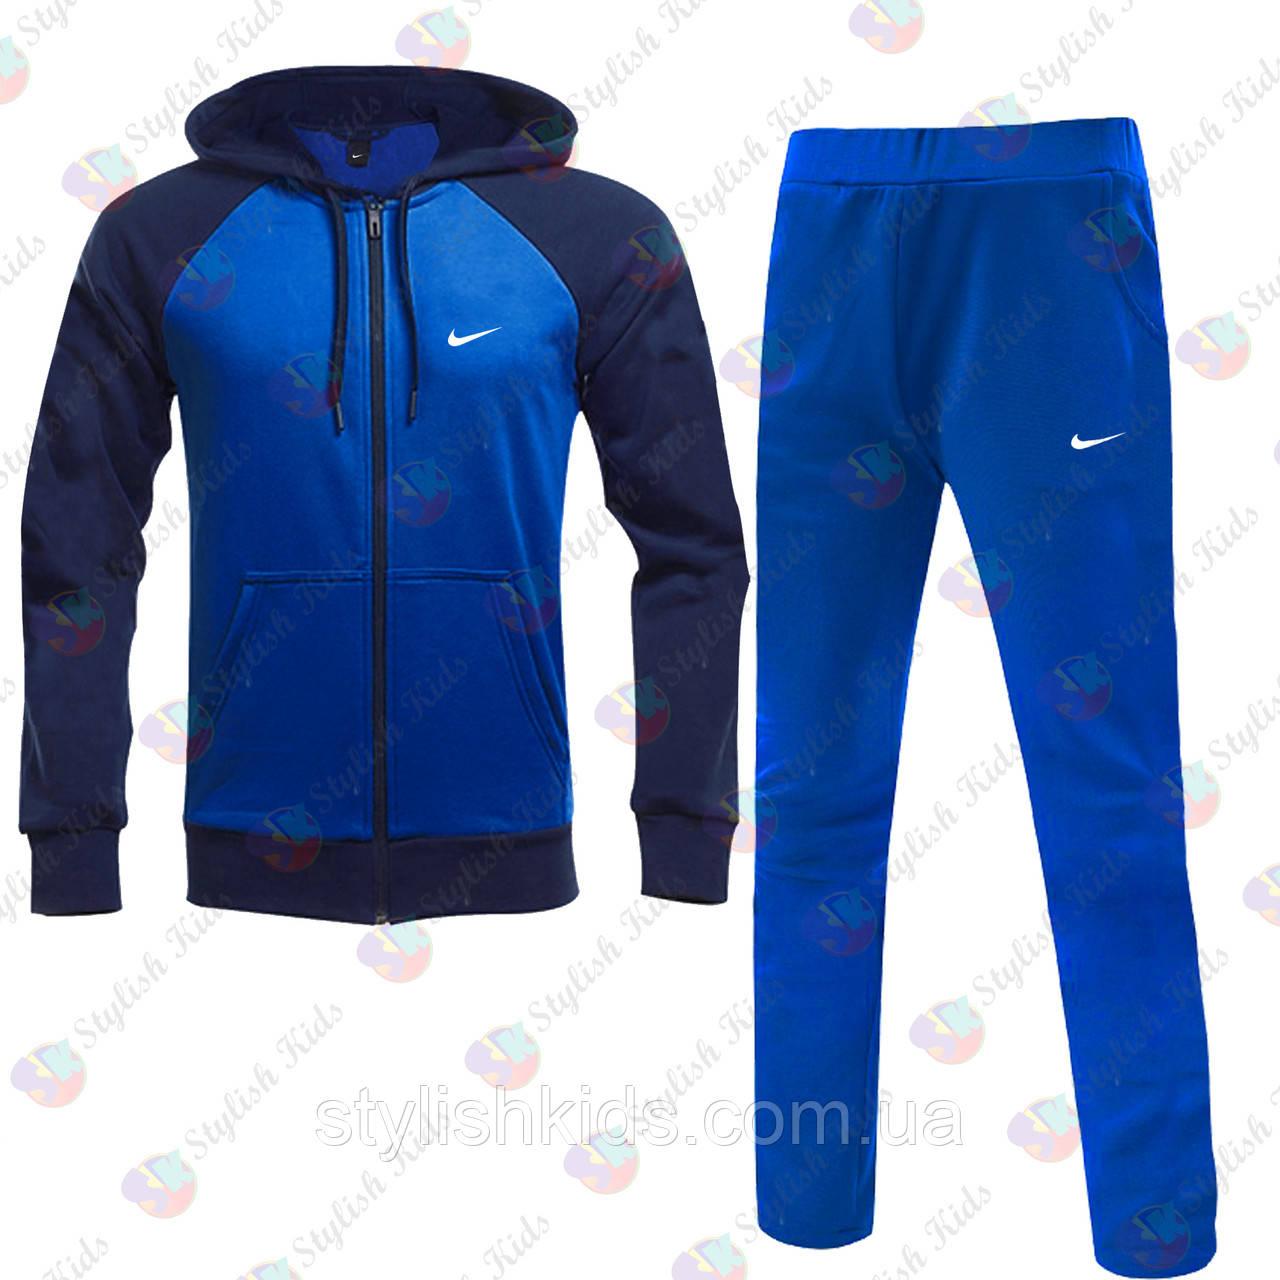 Купить спортивный костюм Nike на подростка мальчика в Украине.Спортивный  костюм на мальчика 8- 53d629a008c